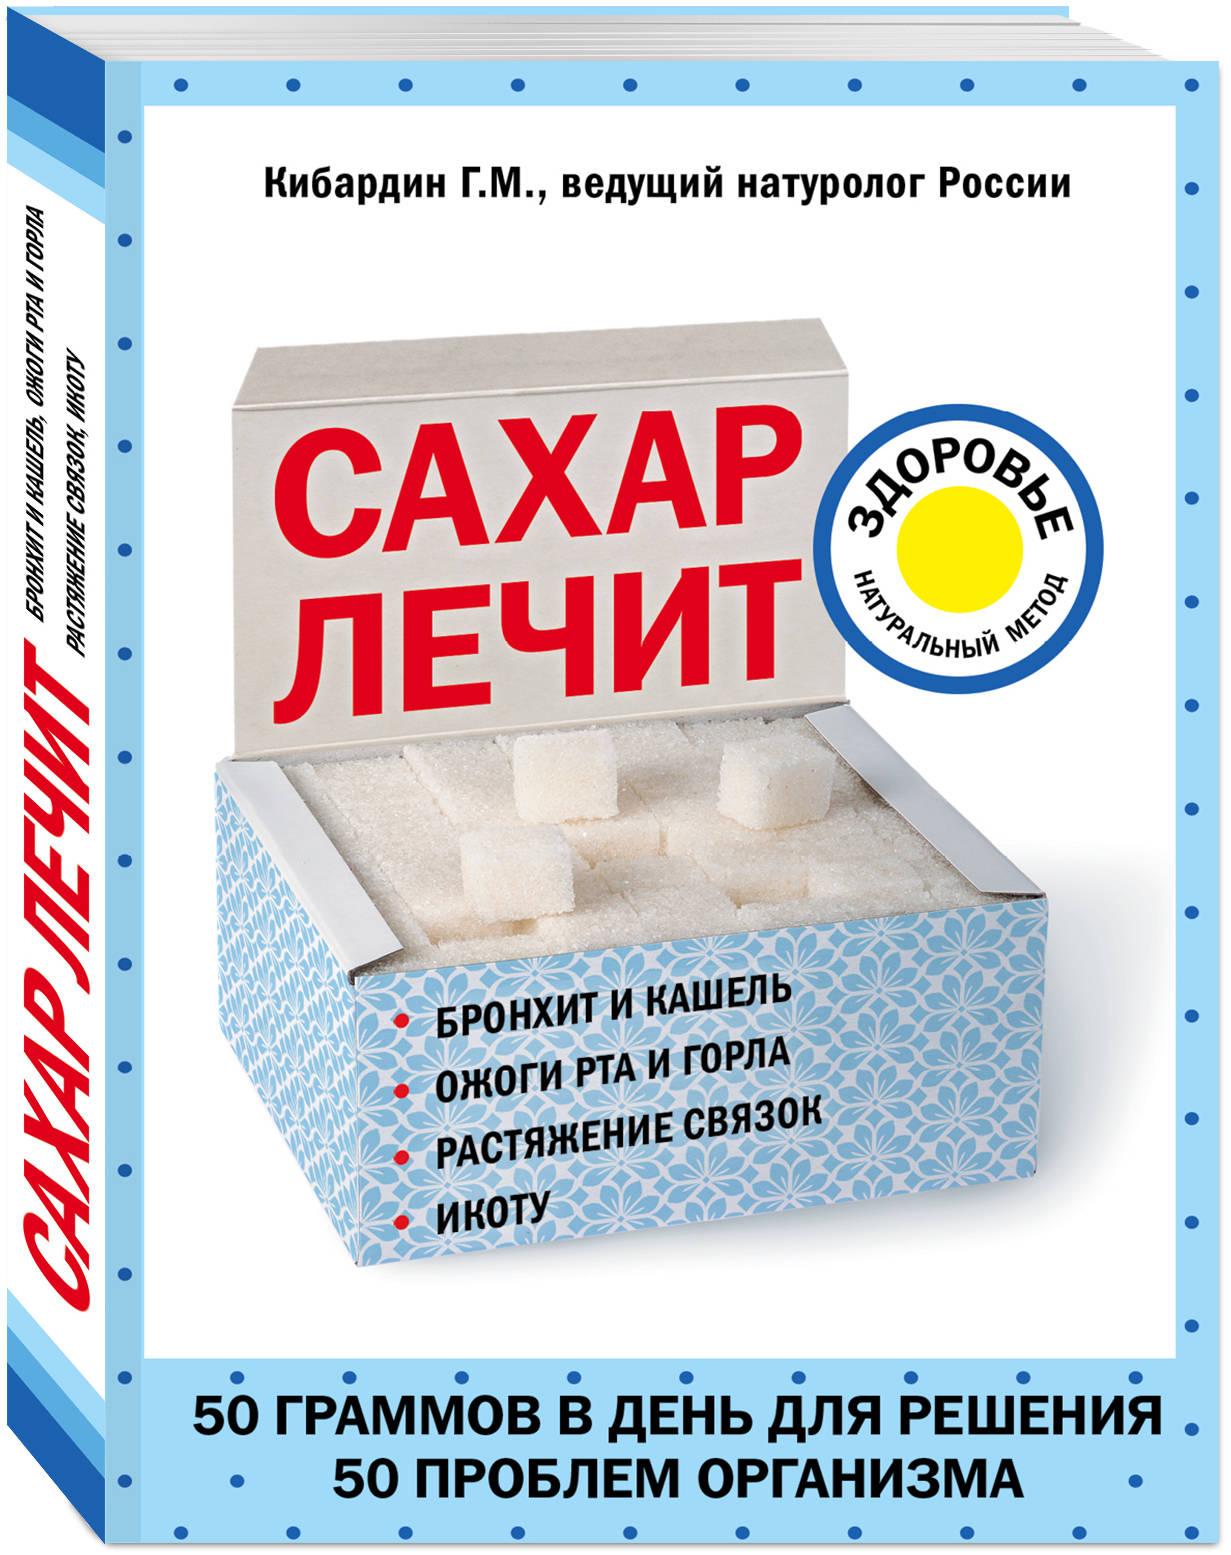 Сахар лечит ( Кибардин Геннадий Михайлович  )